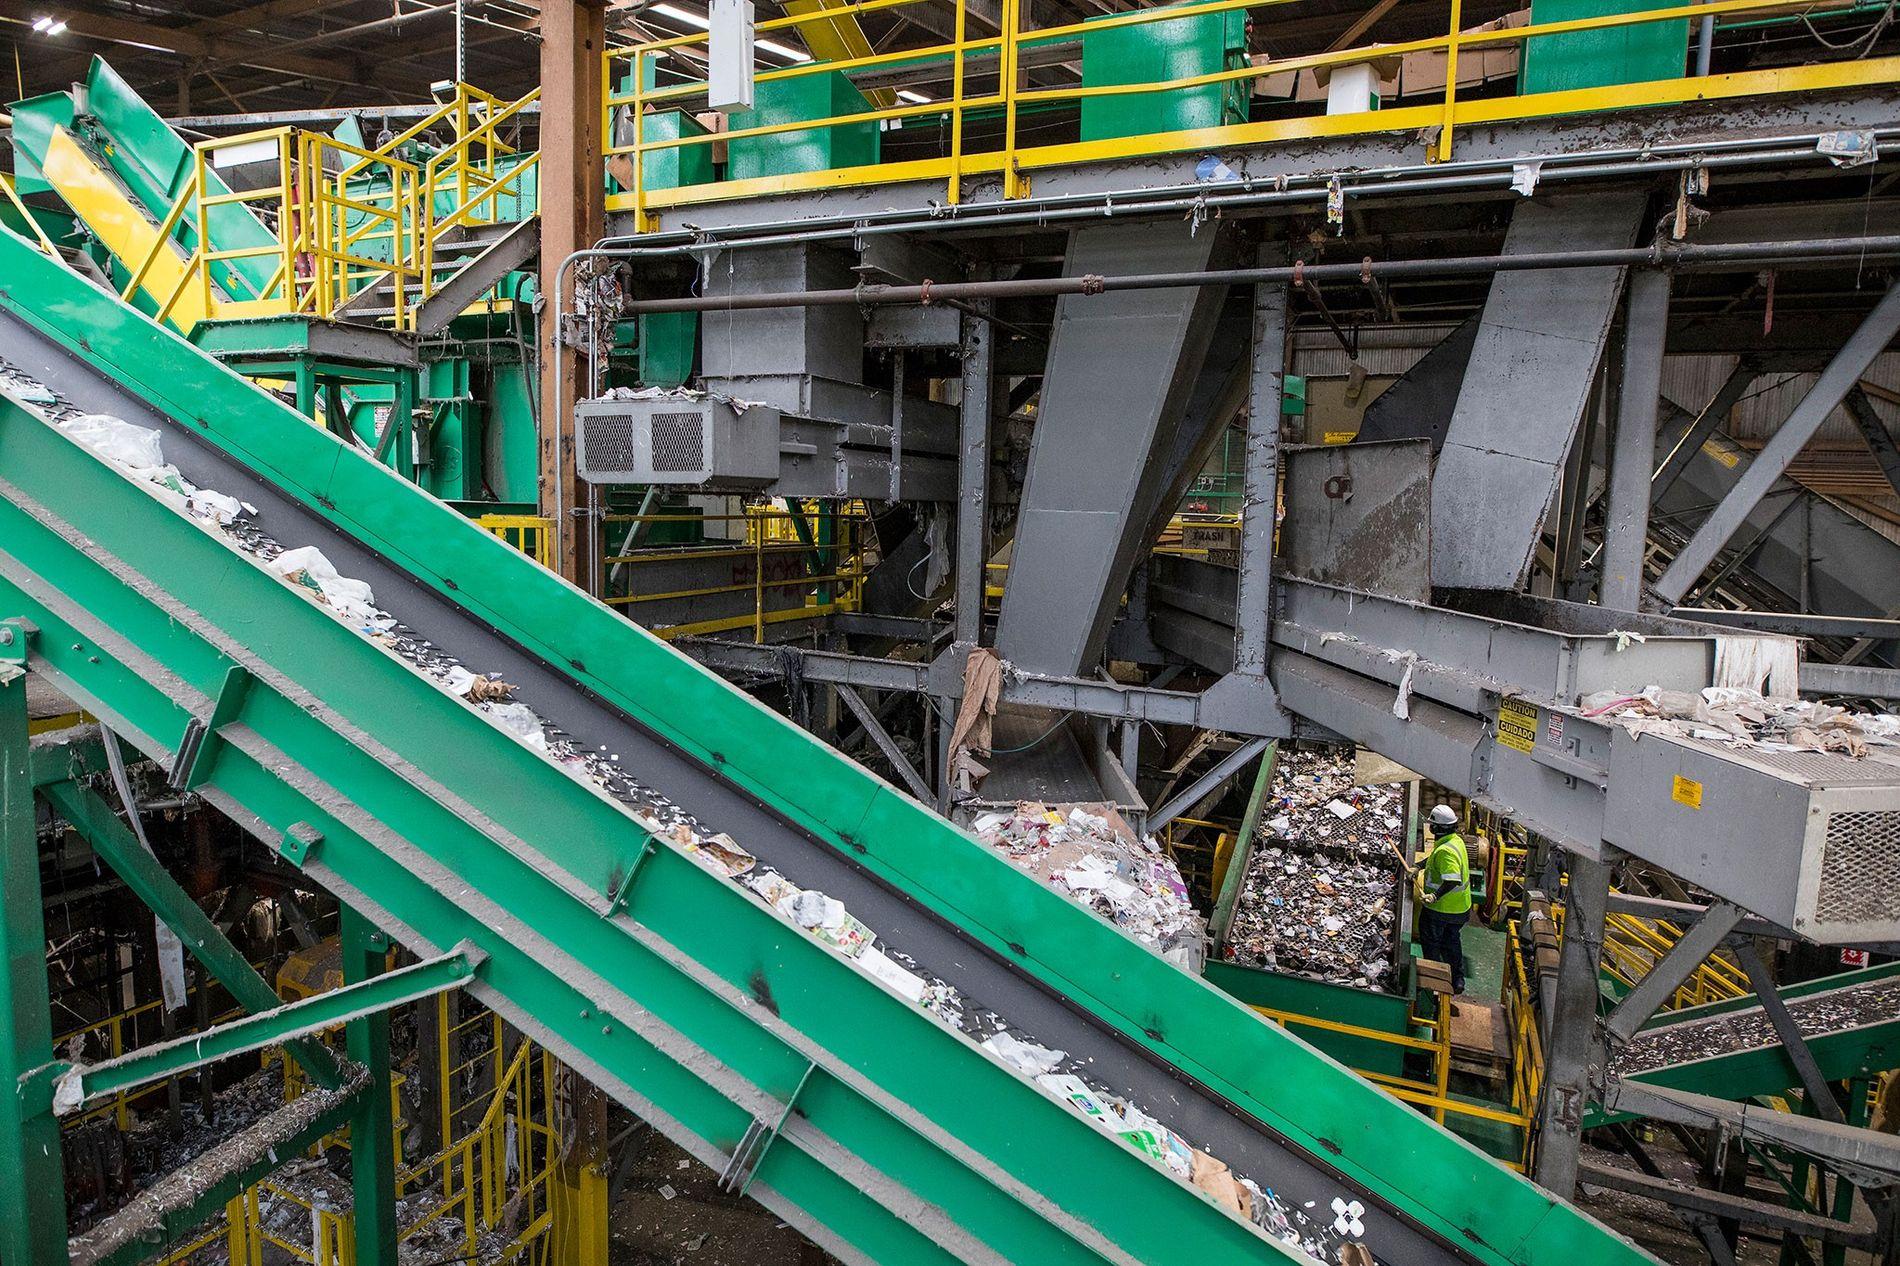 Los plásticos mezclados son transportados hacia un clasificador óptico en una planta de reciclaje. La industria está experimentando cambios rápidos, lo cual, a veces, confunde a los consumidores.